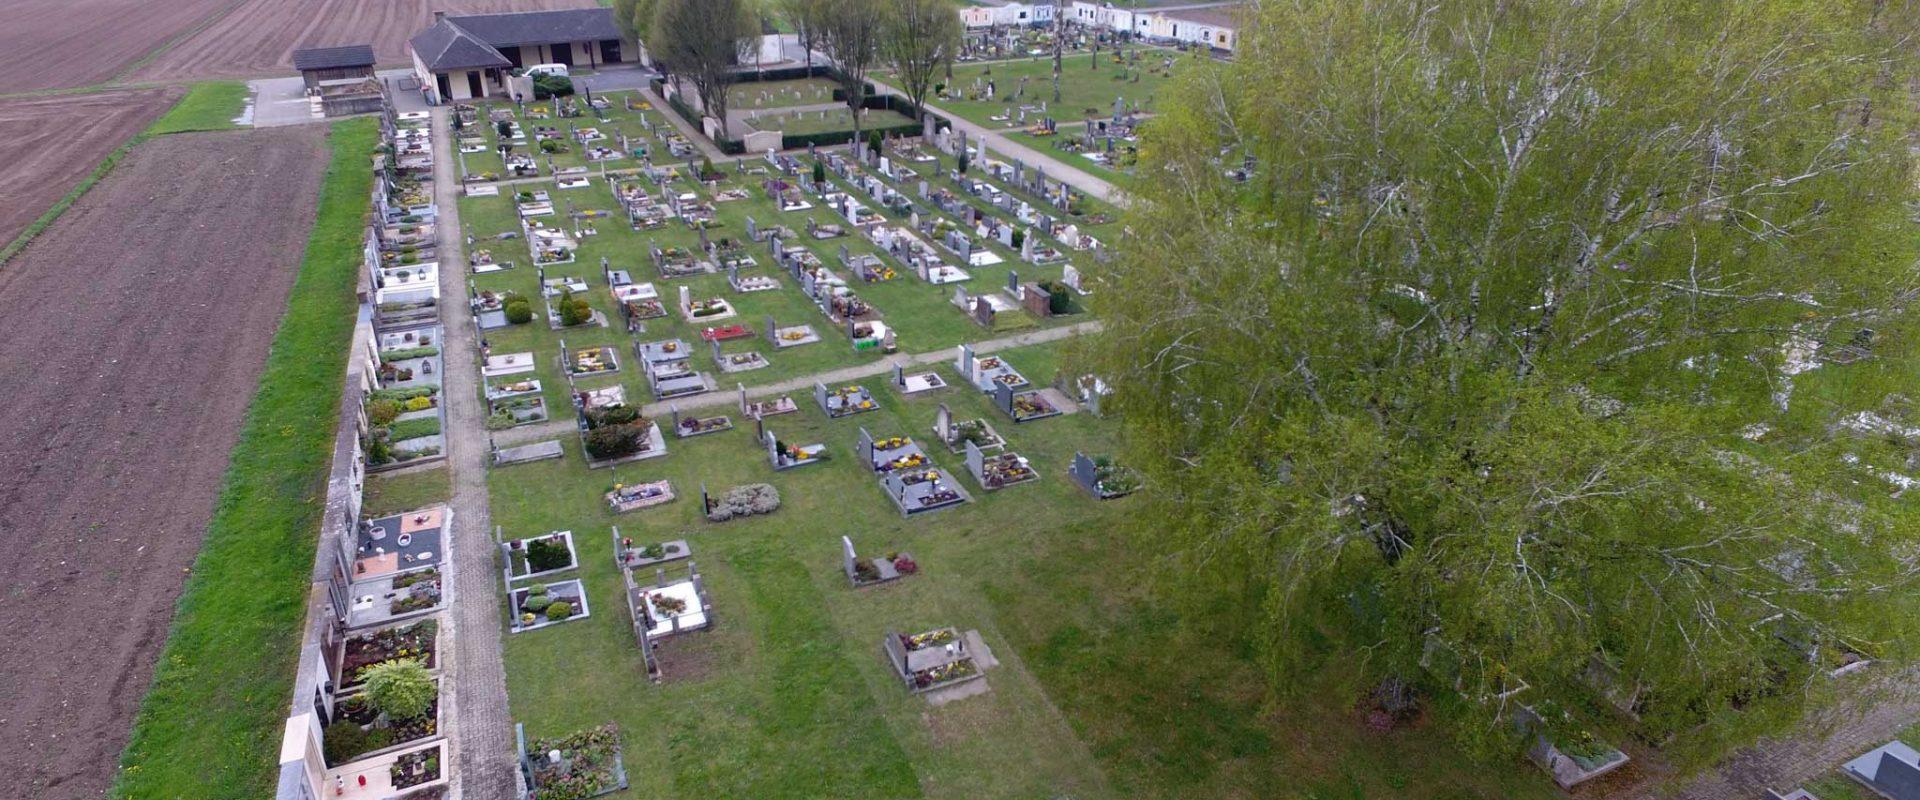 Friedhof rk Bad Radkersburg 1